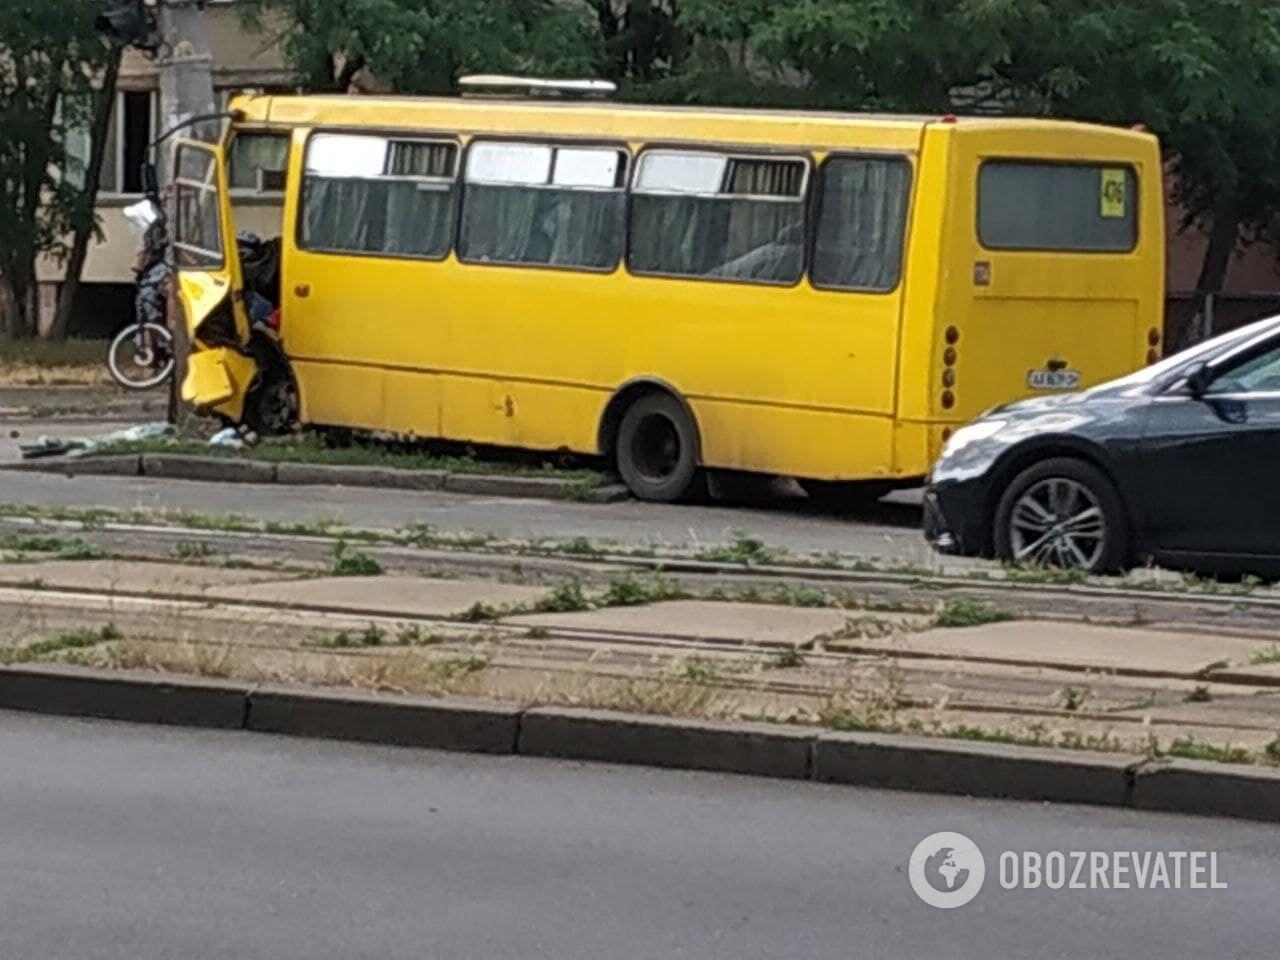 Маршрутное такси влетело в столб